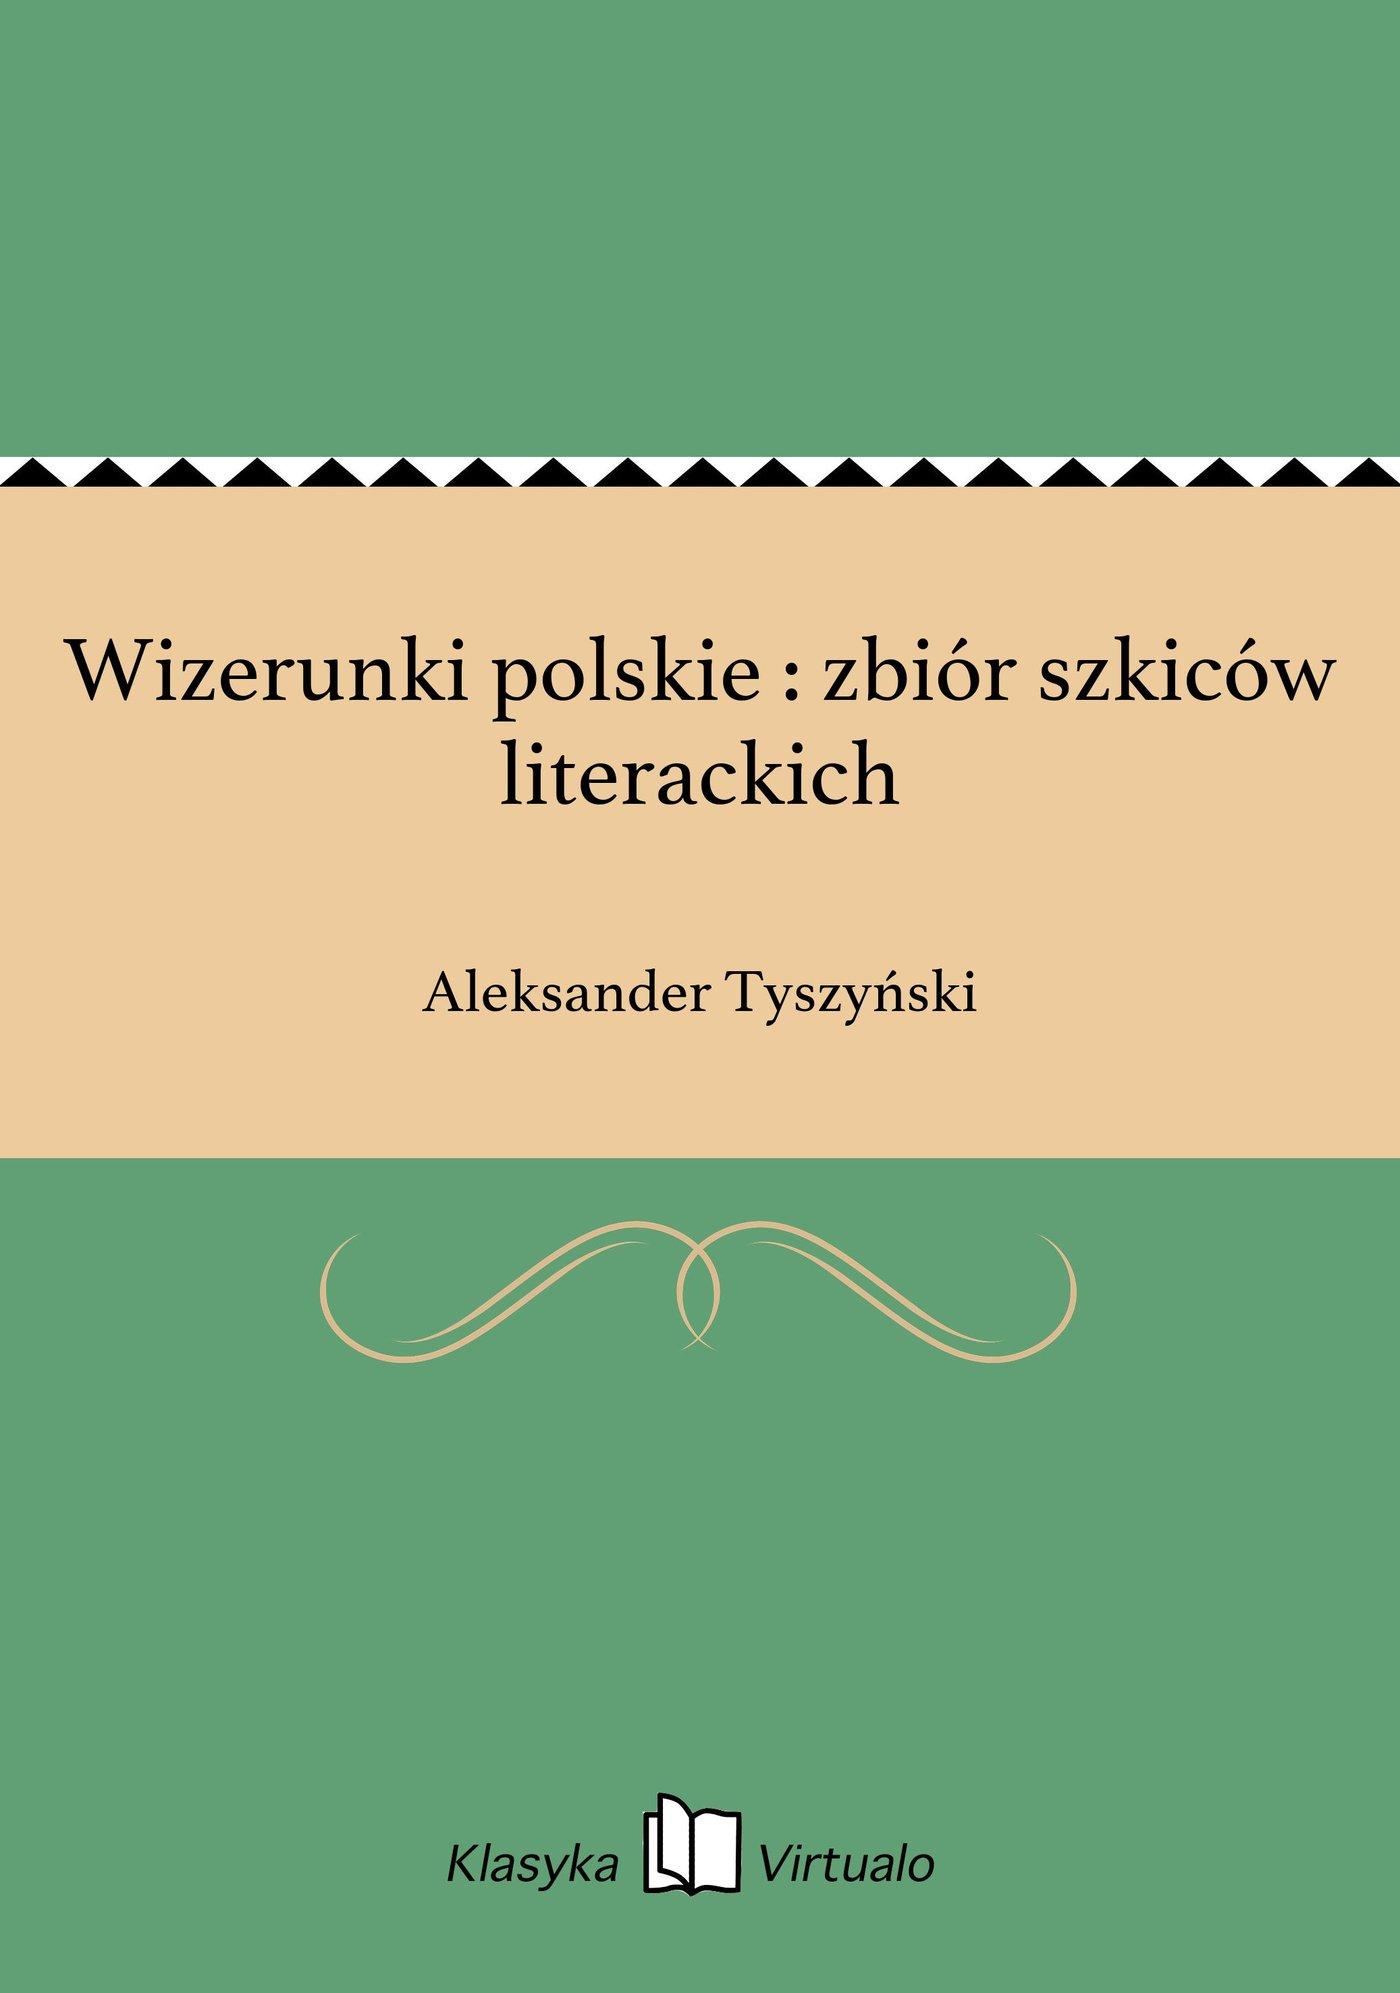 Wizerunki polskie : zbiór szkiców literackich - Ebook (Książka EPUB) do pobrania w formacie EPUB